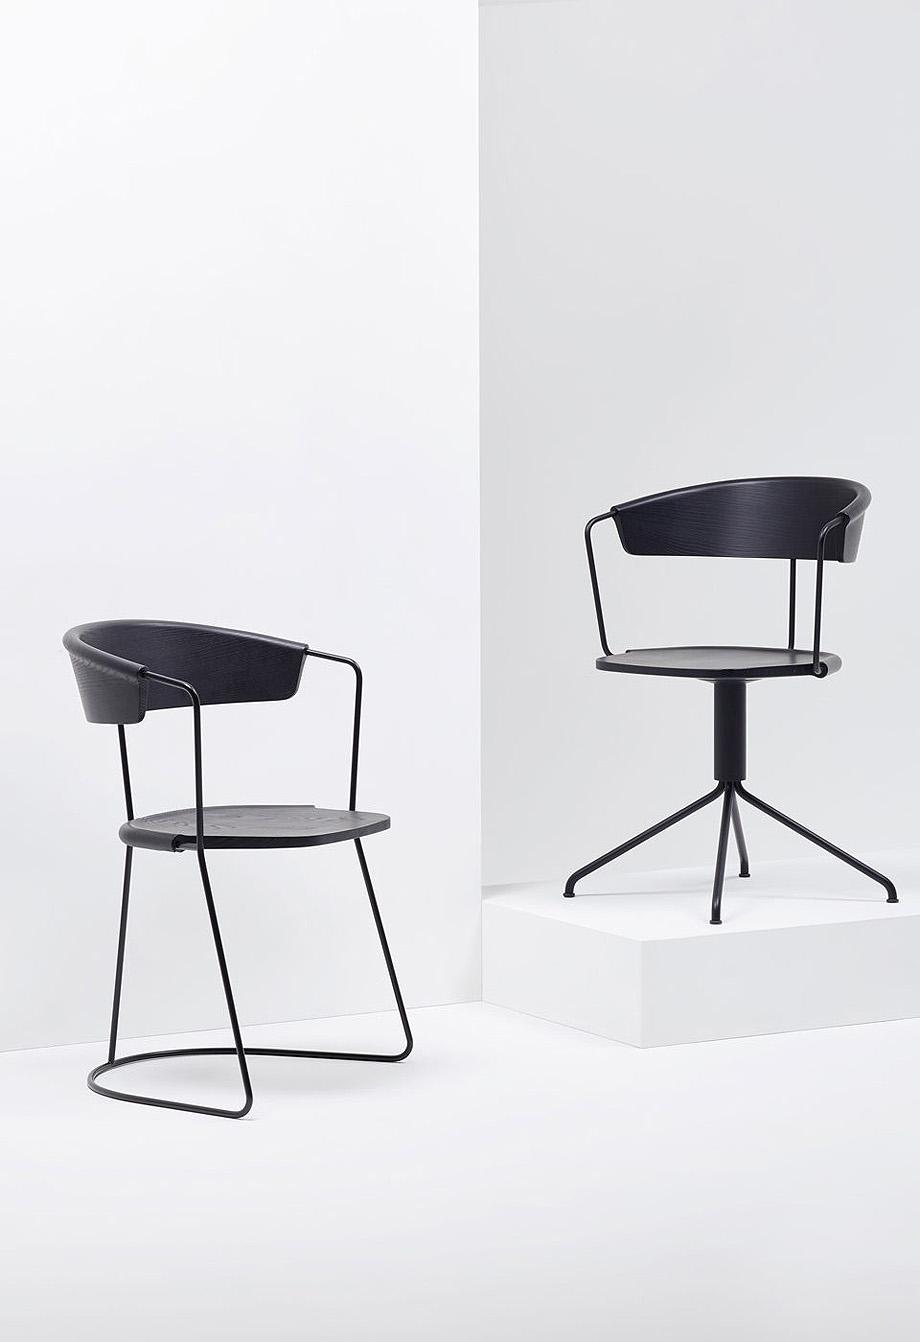 silla y taburete uncino de bouroullec y mattiazzi (4)